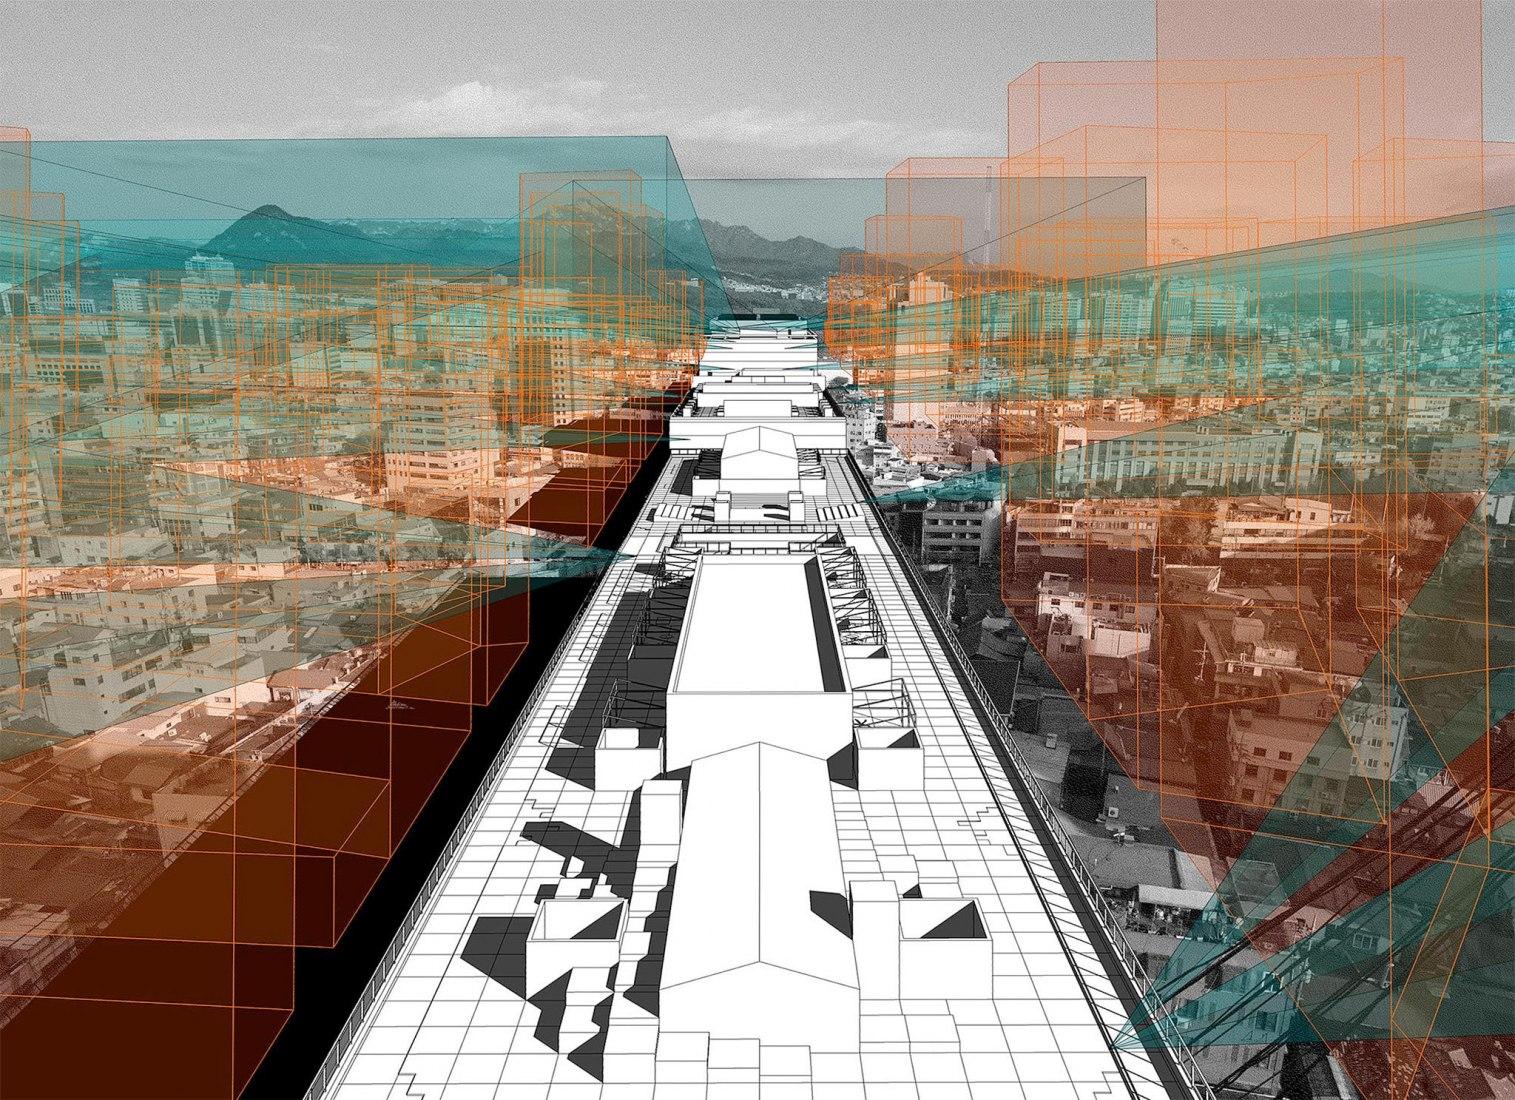 La ciudad de Radical Shift, 2018. 'Espectros de las vanguardias realizadas por el estado' es el tema del Pabellón de Corea 2018 © N.E.E.D. Architecture, Sungwoo Kim (N.E.E.D. Architecture)